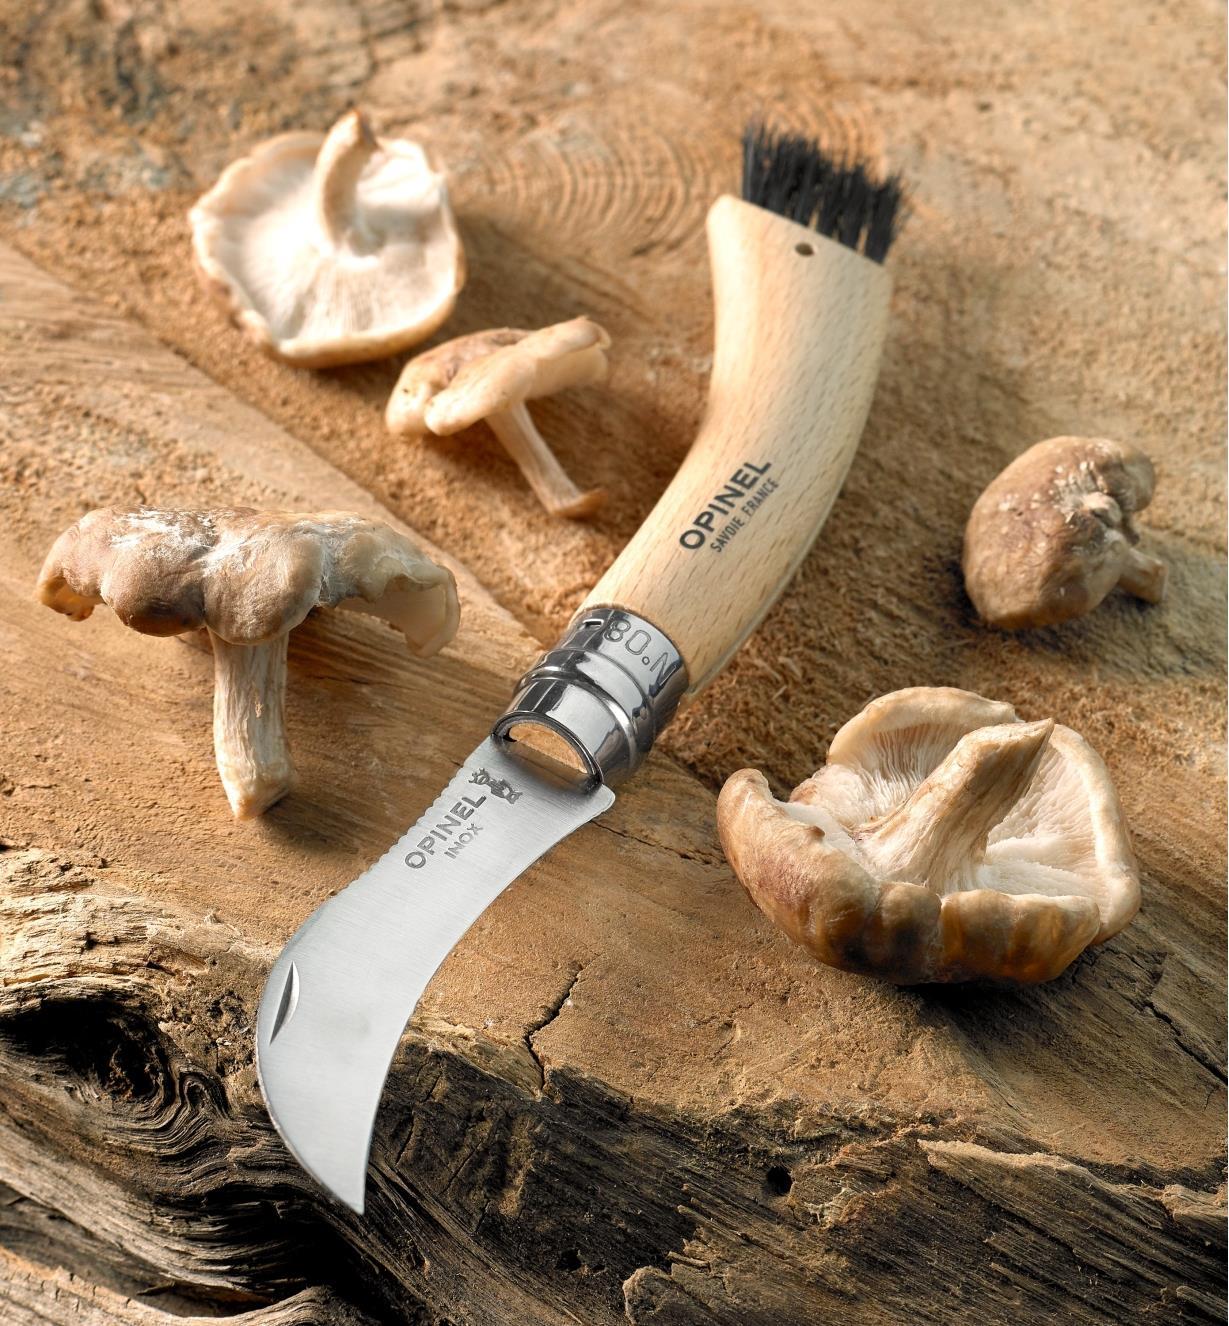 Mushroom knife with harvested mushrooms